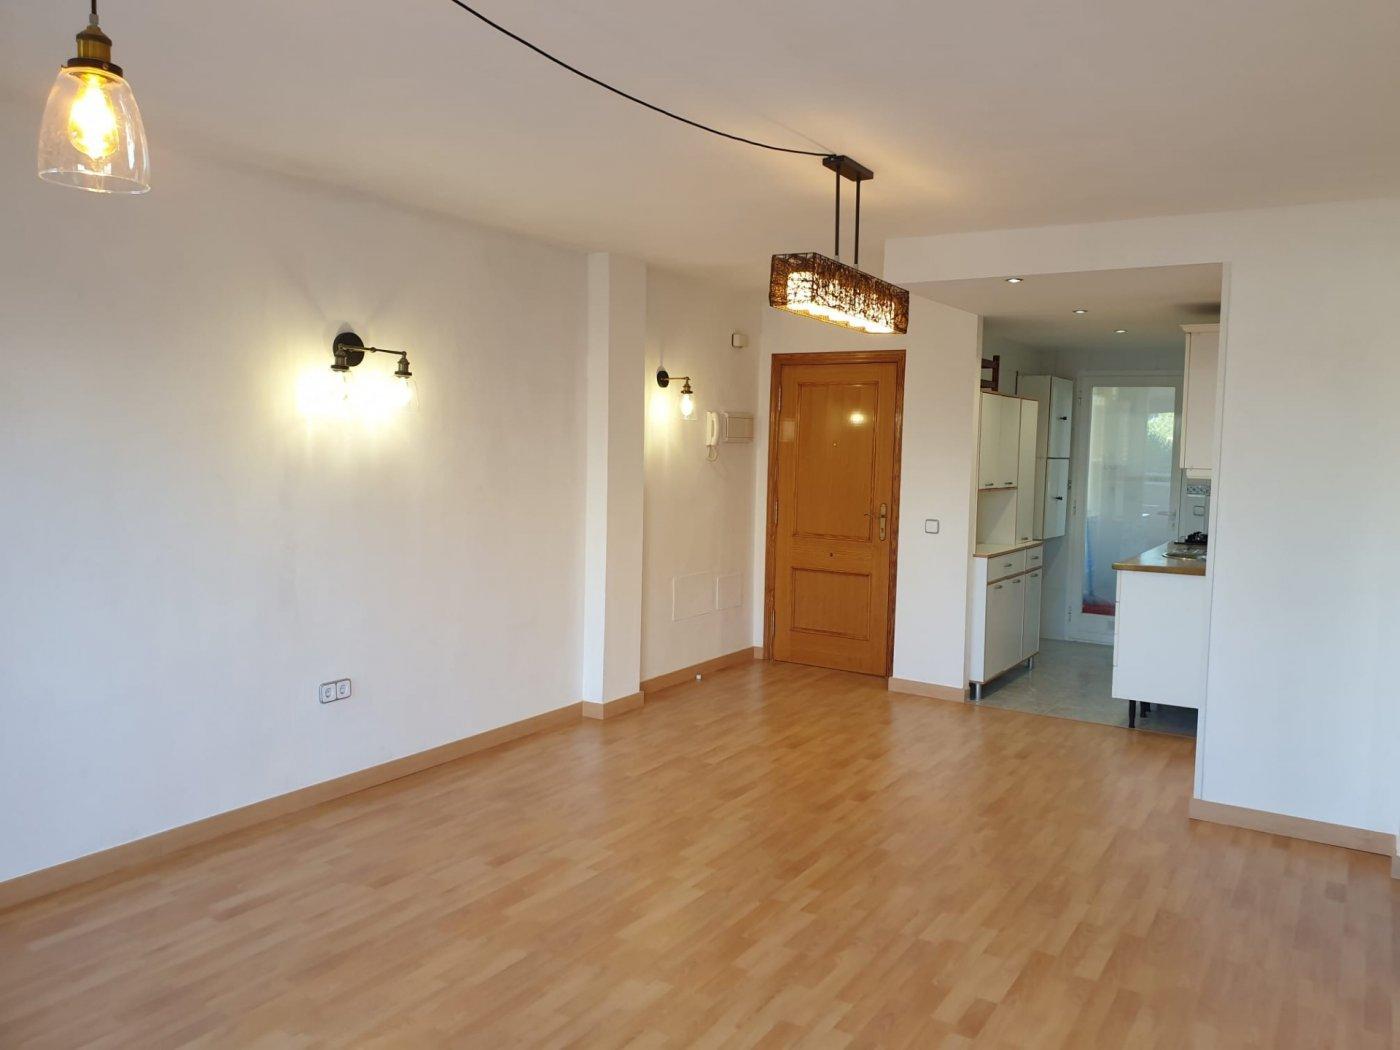 Coqueto piso de 2 dormitorios con plaza de aparcamiento en la vileta - precio: 800?/mes - imagenInmueble0